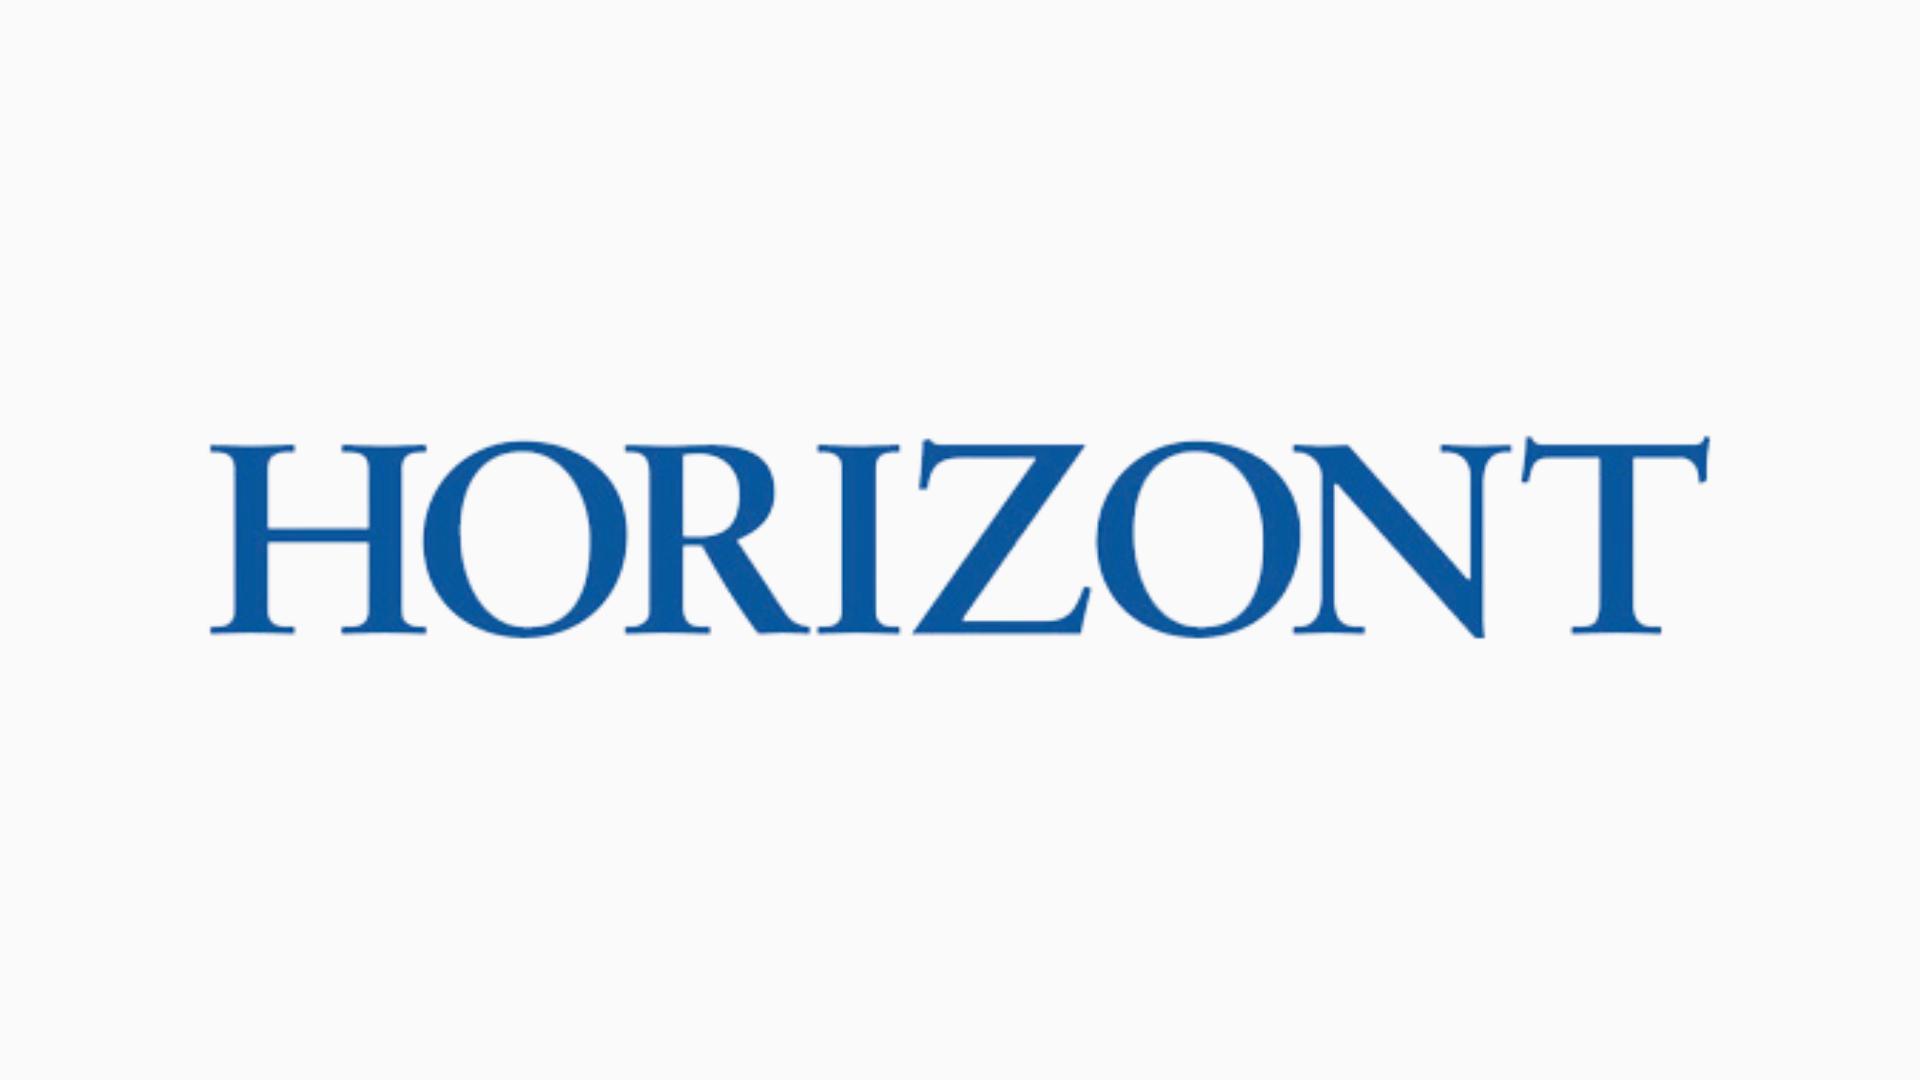 HORIZONT - Zeitung für Medien, Werbung und Wirtschaft - Logo